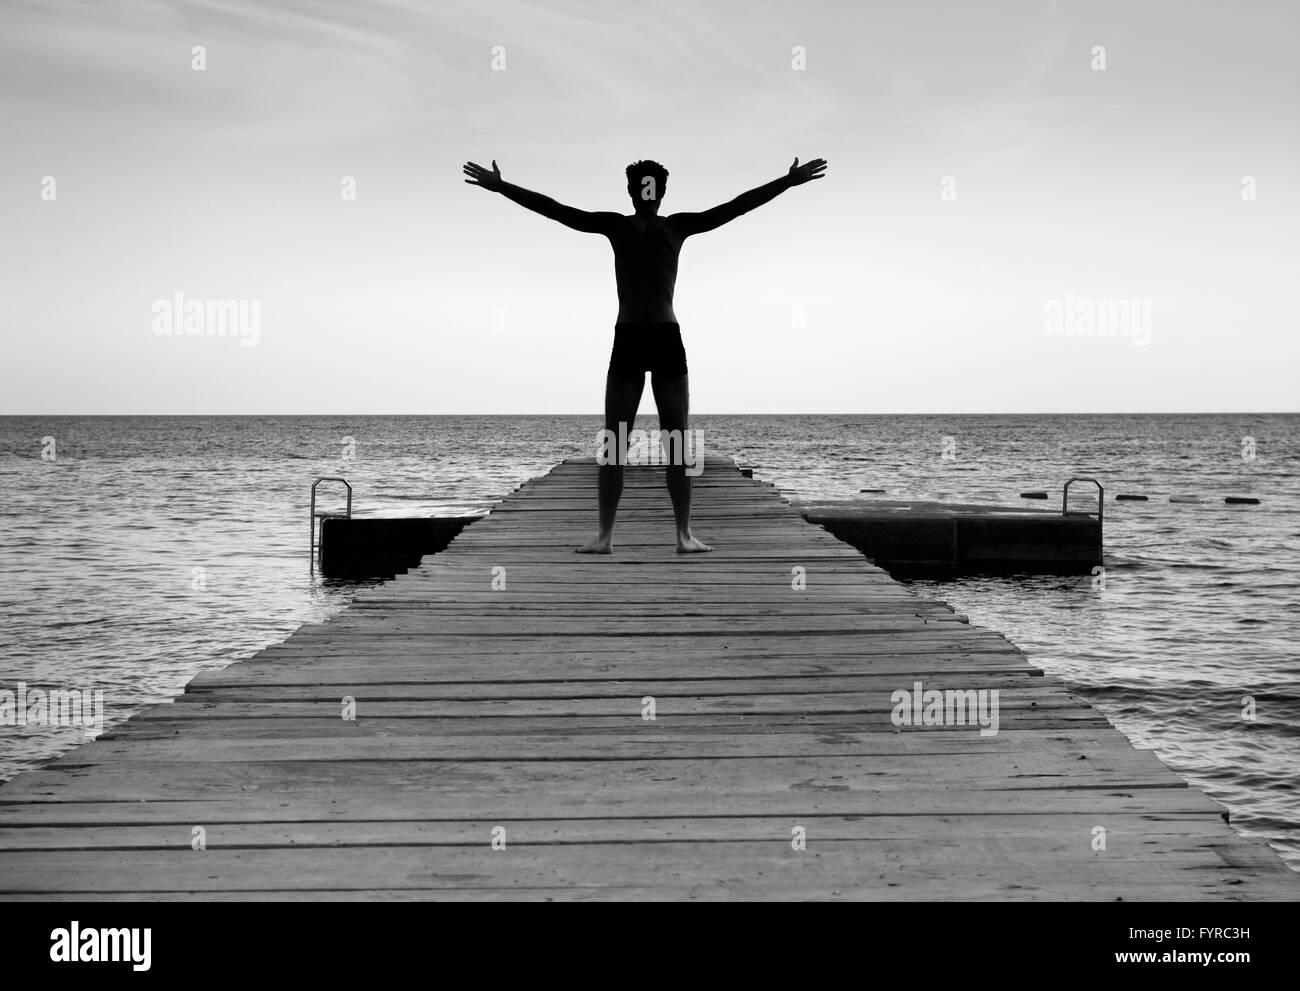 Libre hombre feliz disfrutando de la vida en la naturaleza Imagen De Stock